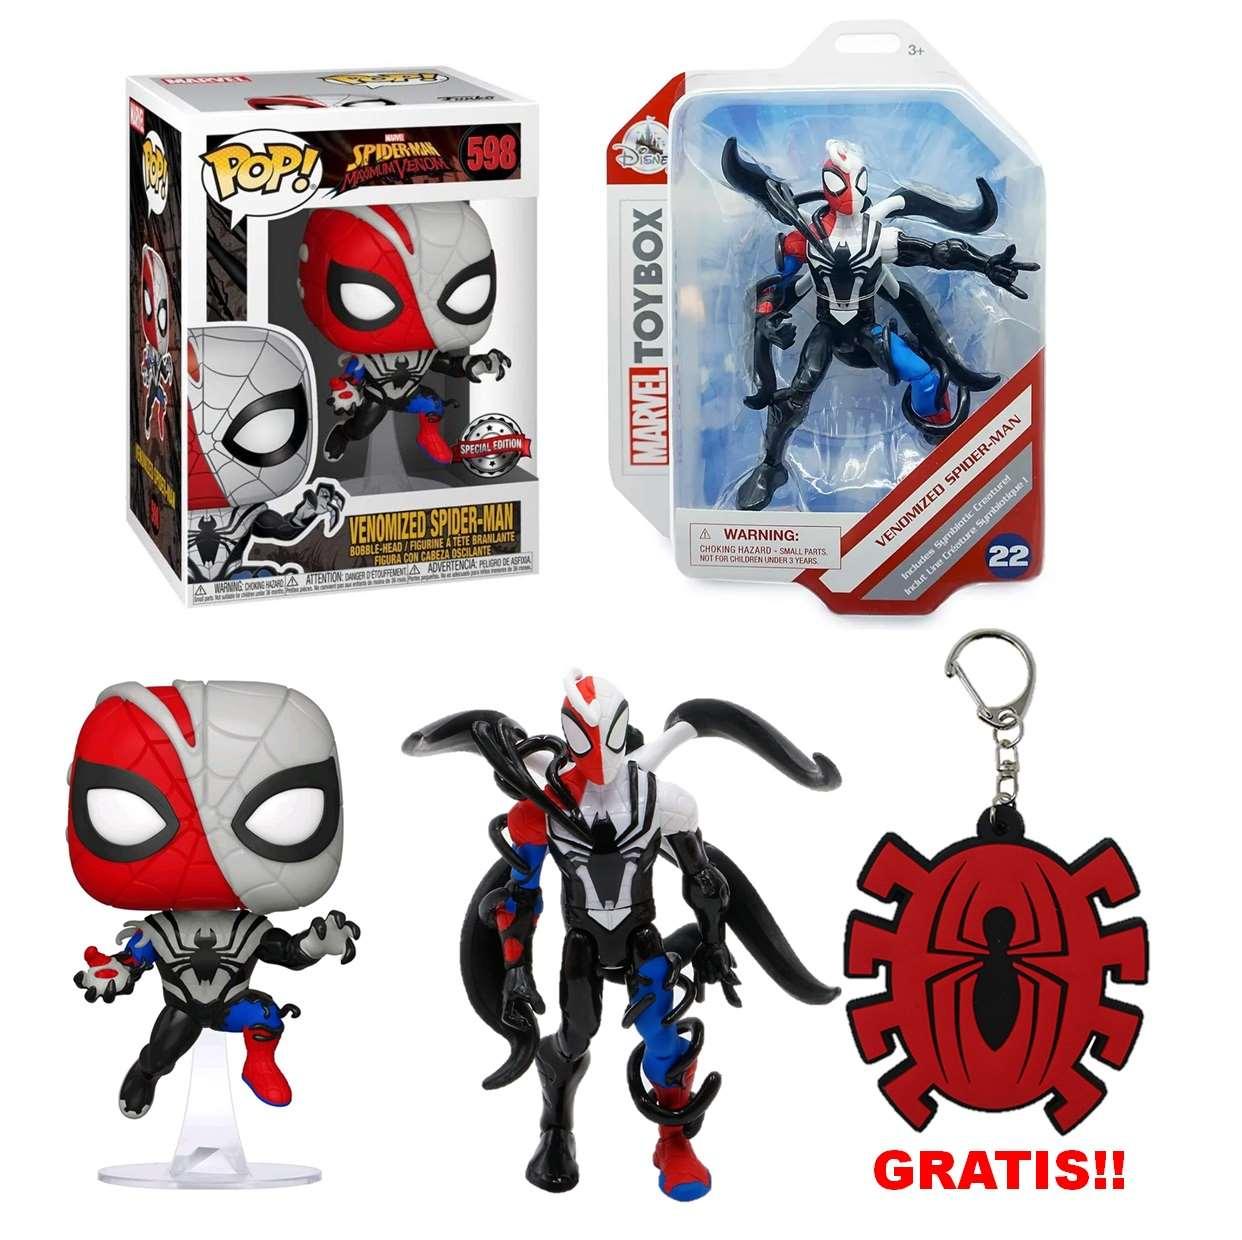 Paquete Venomized Spider Man #22 Toybox + #598 Funko Pop!